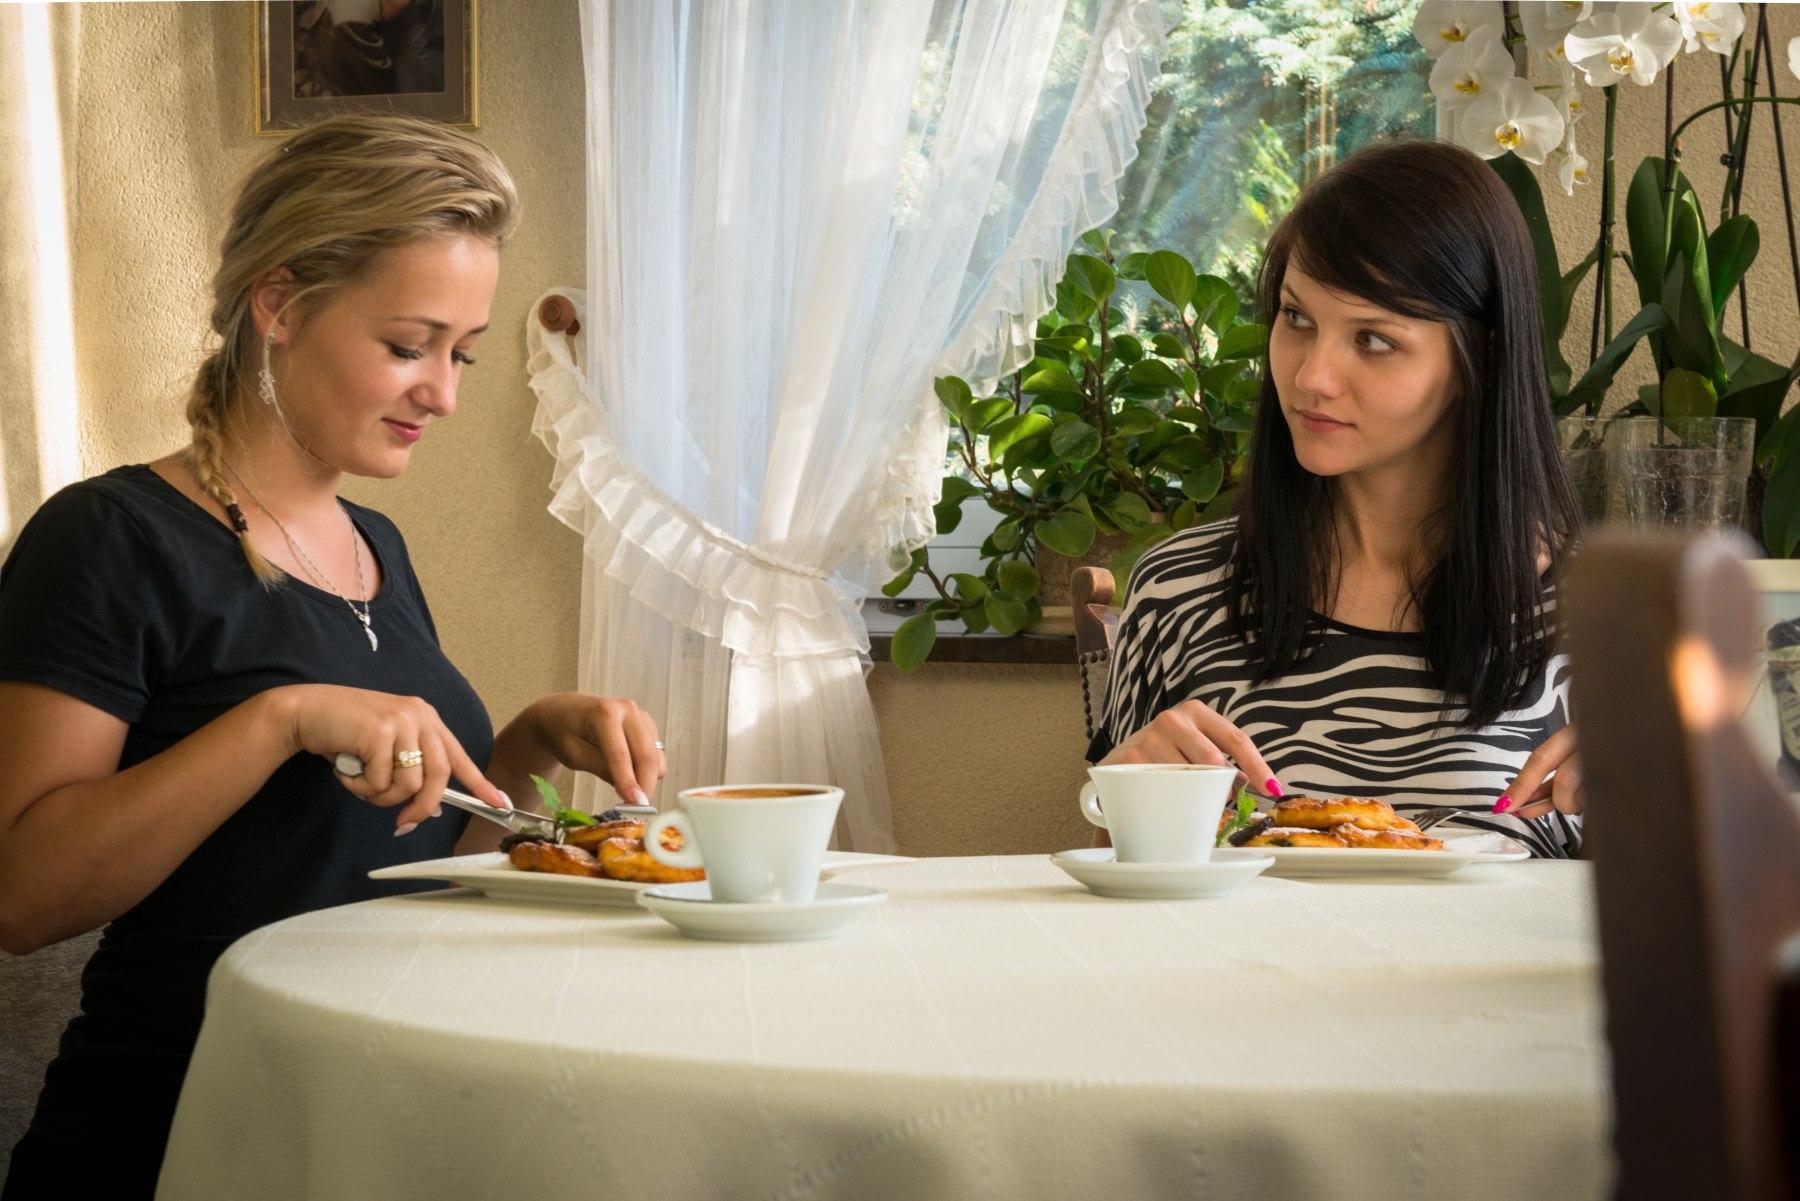 Dwie kobiety jedzą przy stole regionalne dania